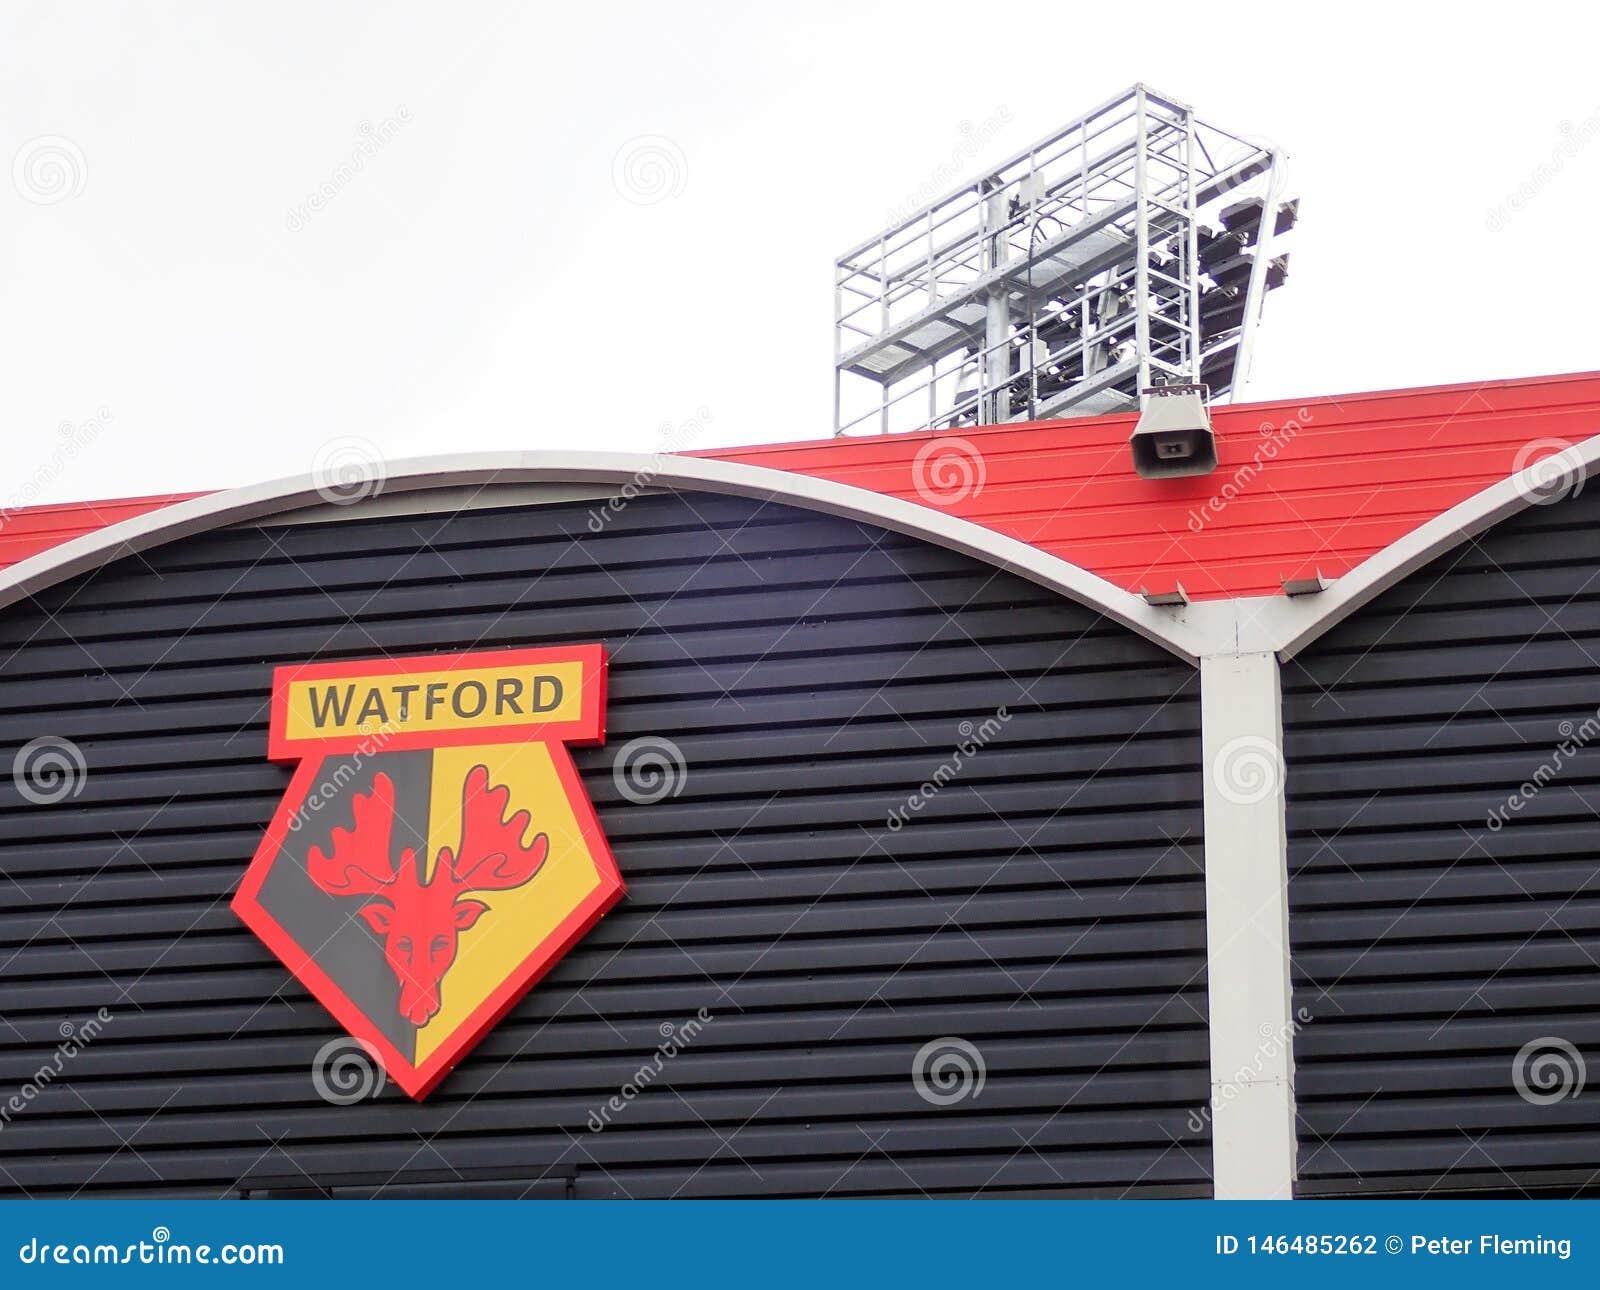 Pared lateral del estadio del club del fútbol de Watford, camino de la vicaría, Watford